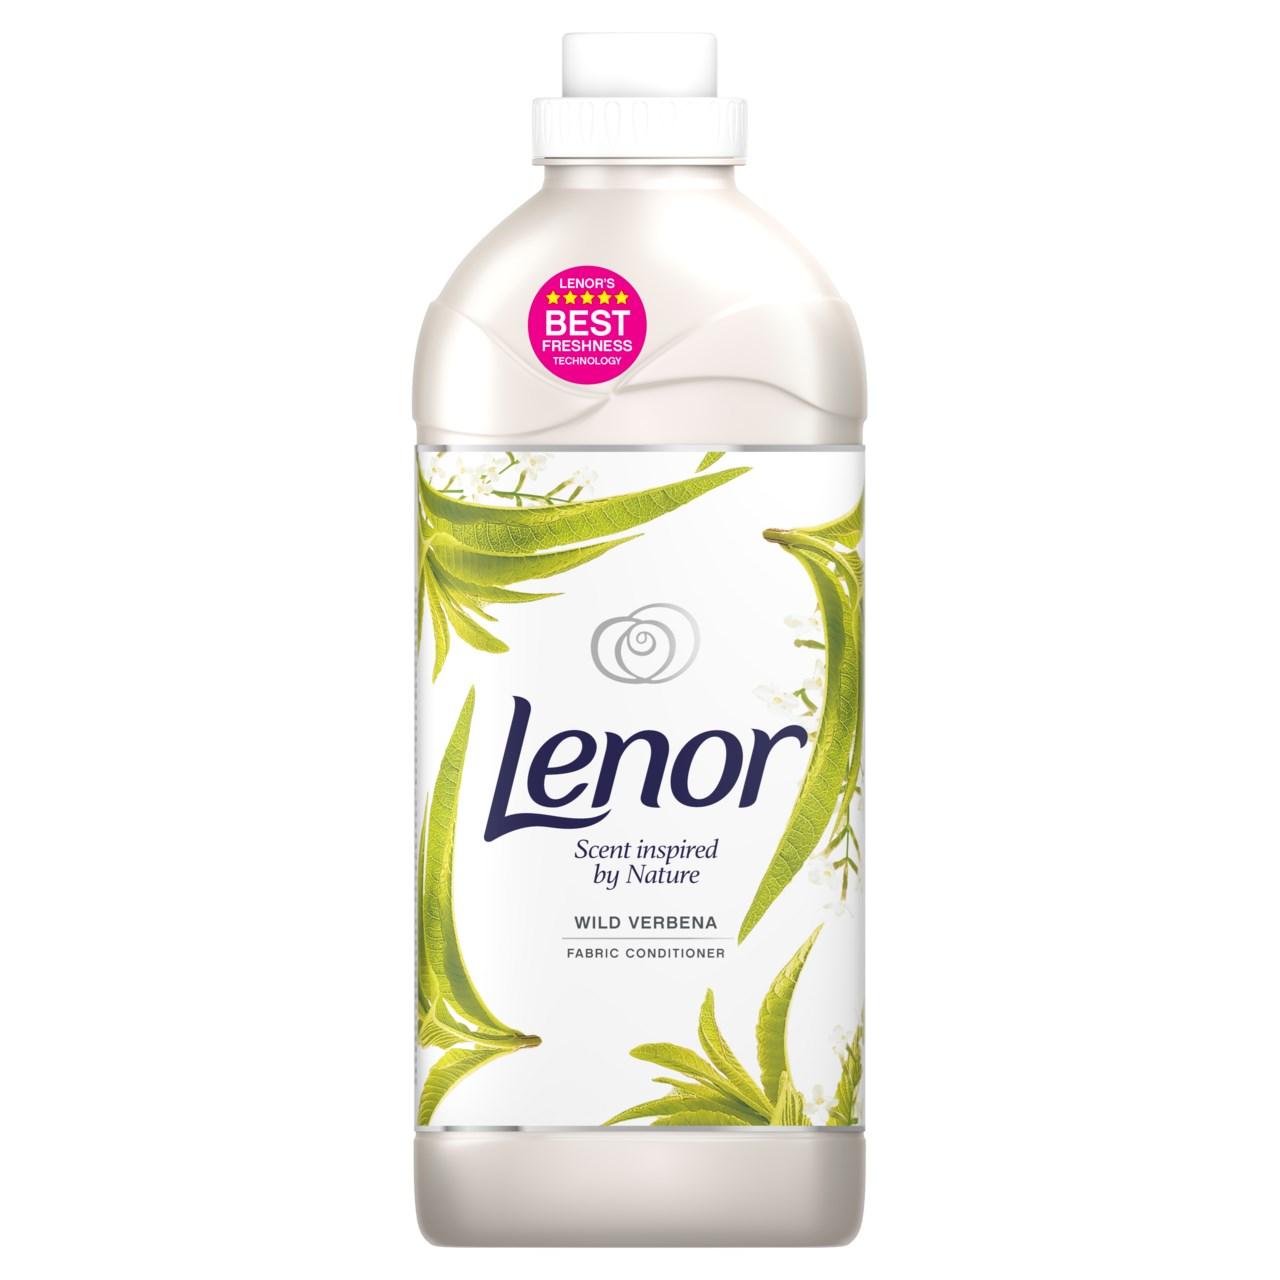 Lenor Wild Verbena aviváž 46 praní 1x1380 ml